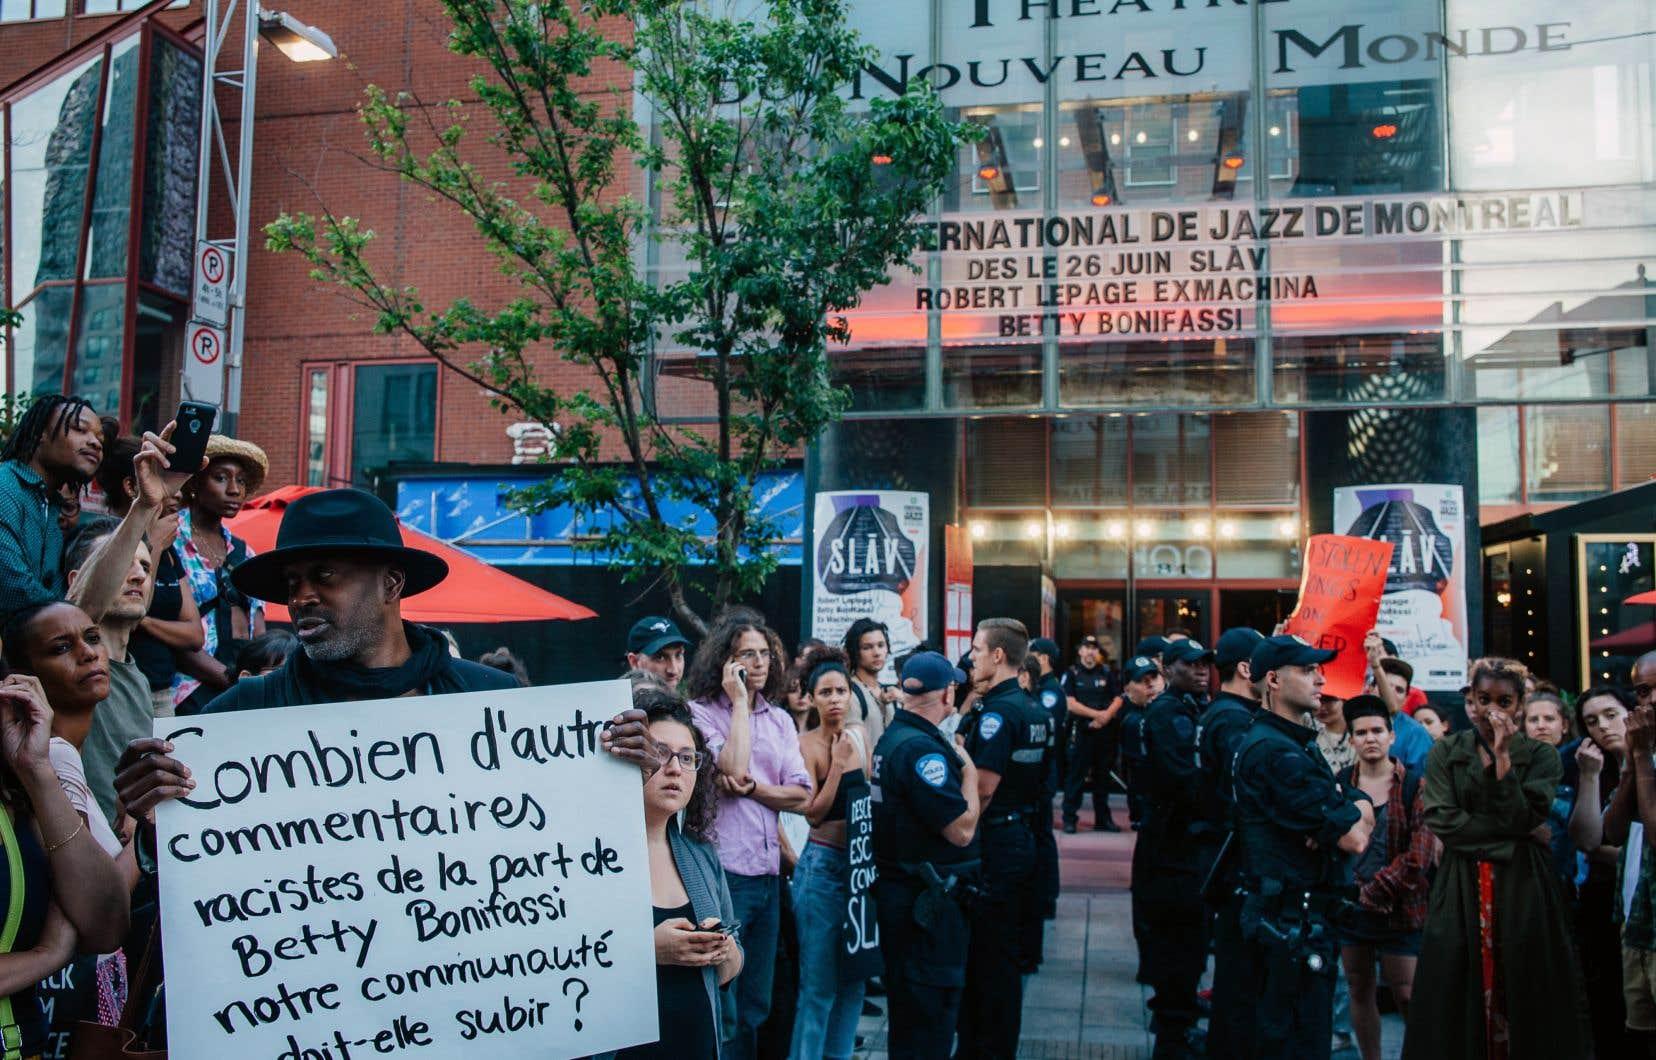 Quelques dizaines de manifestants se sont rassemblés devant le Théâtre du Nouveau Monde mardi soir pour demander l'annulation du spectacle.